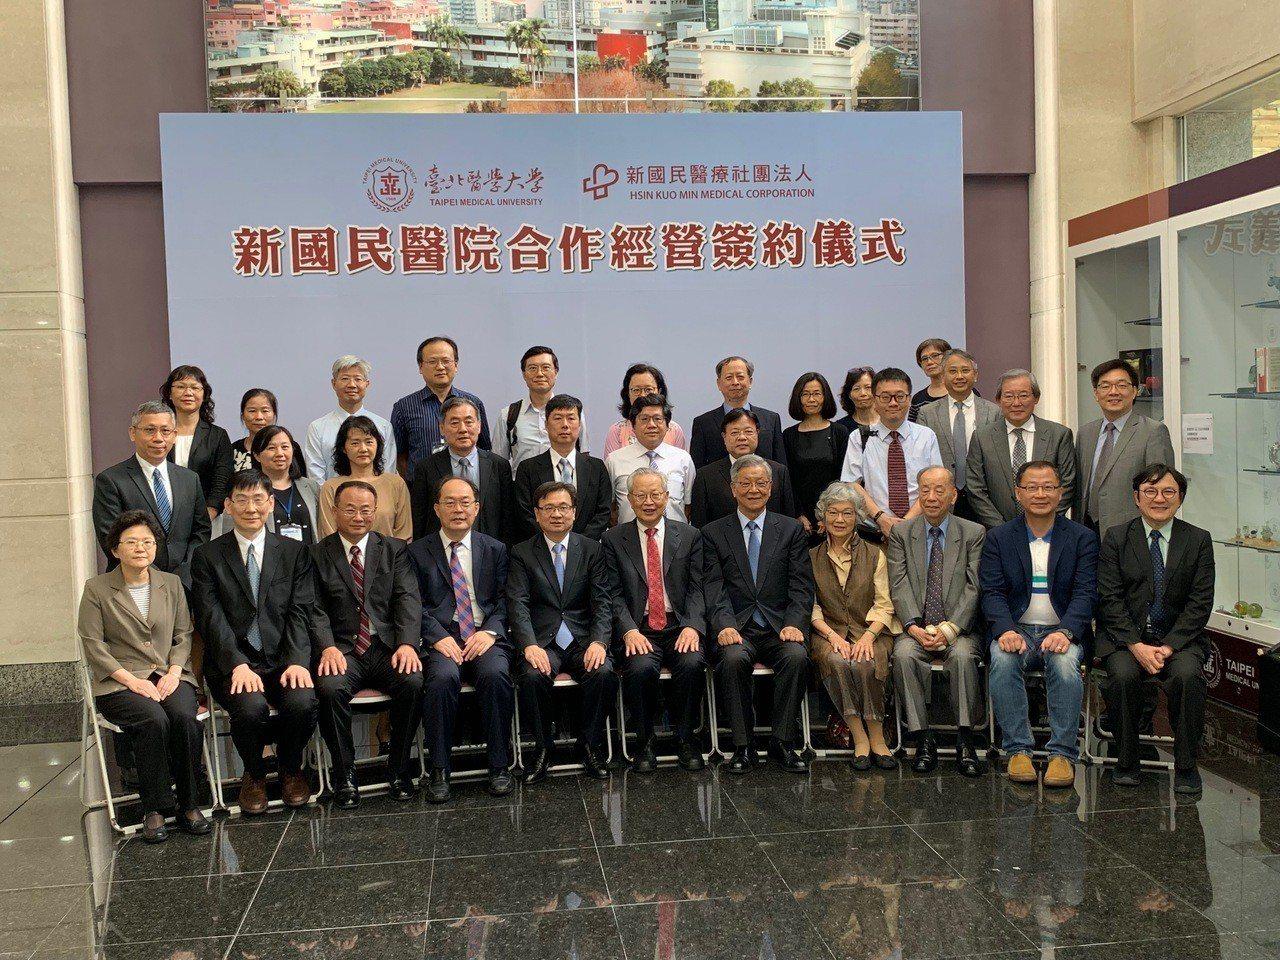 多位貴賓出席見證新國民醫院和台北醫學大學簽約合作經營。圖/新國民醫院提供